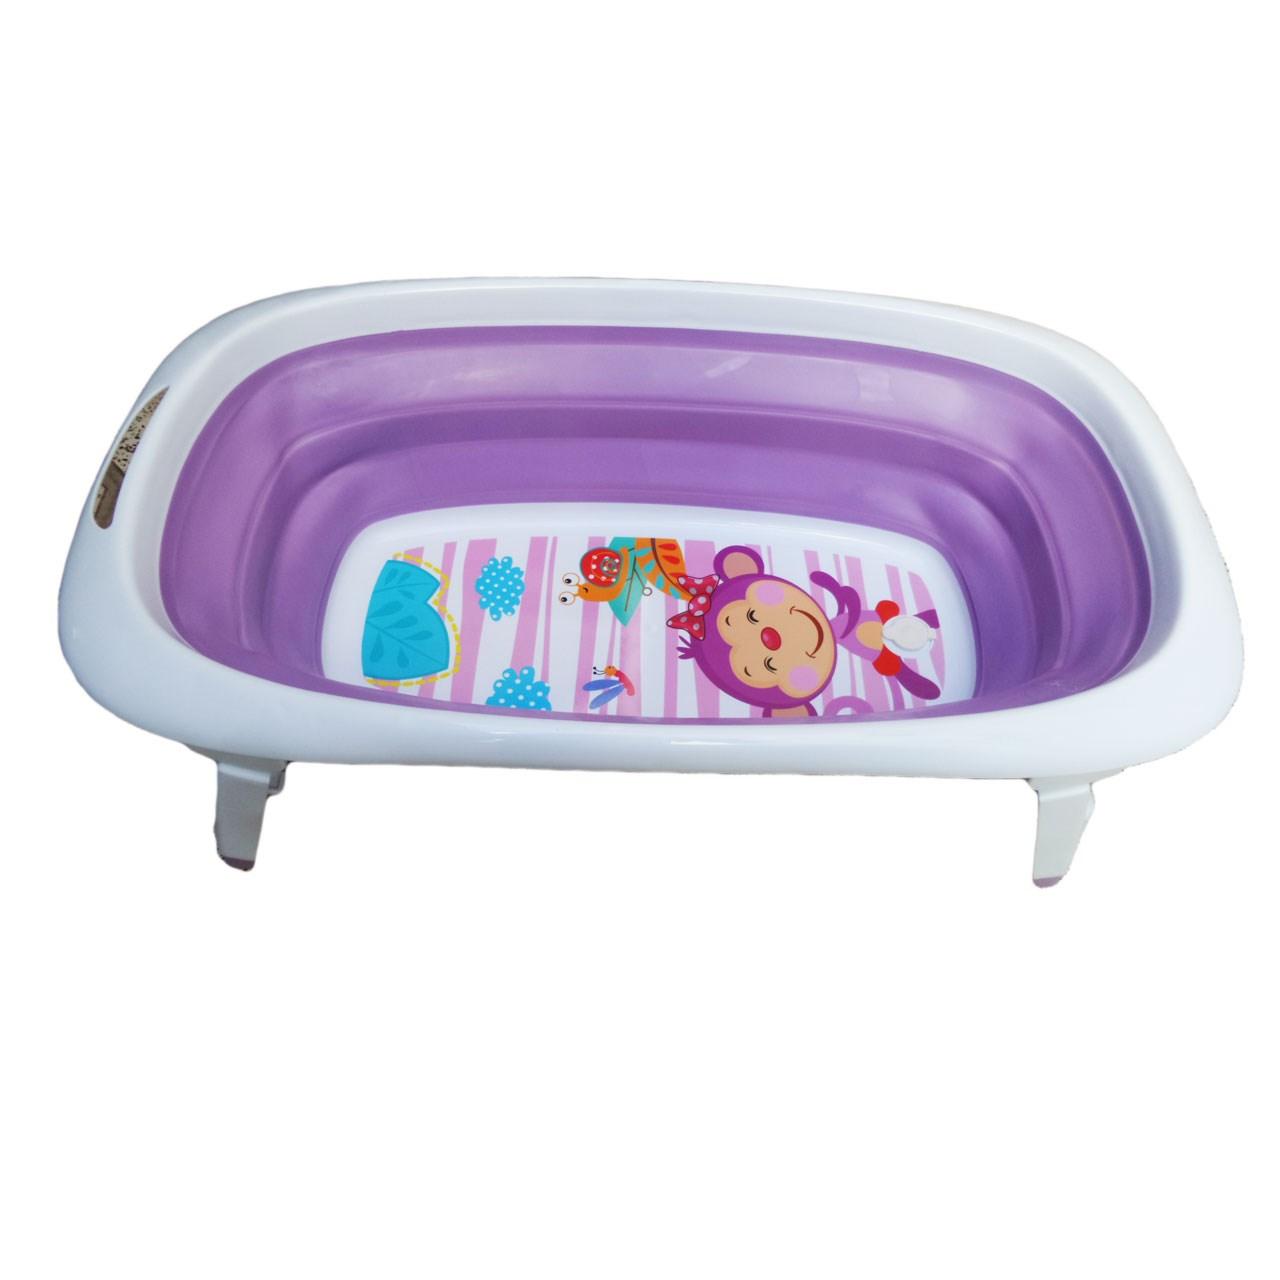 وان حمام کودک بیبی فور لایف مدل 66815-S